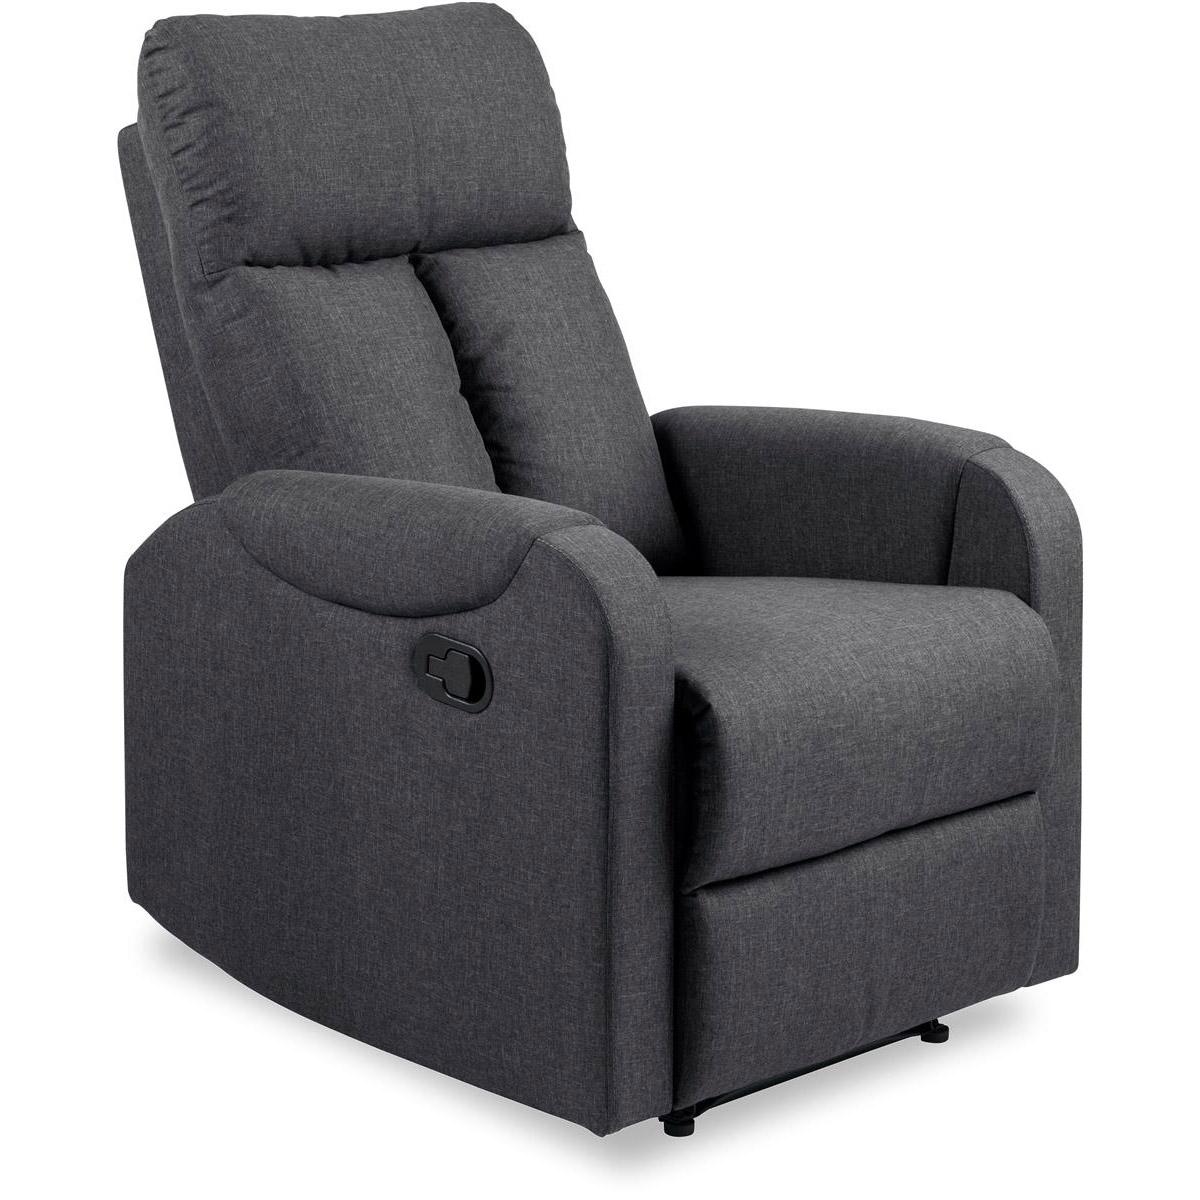 Dublin fåtölj recliner tyg grå